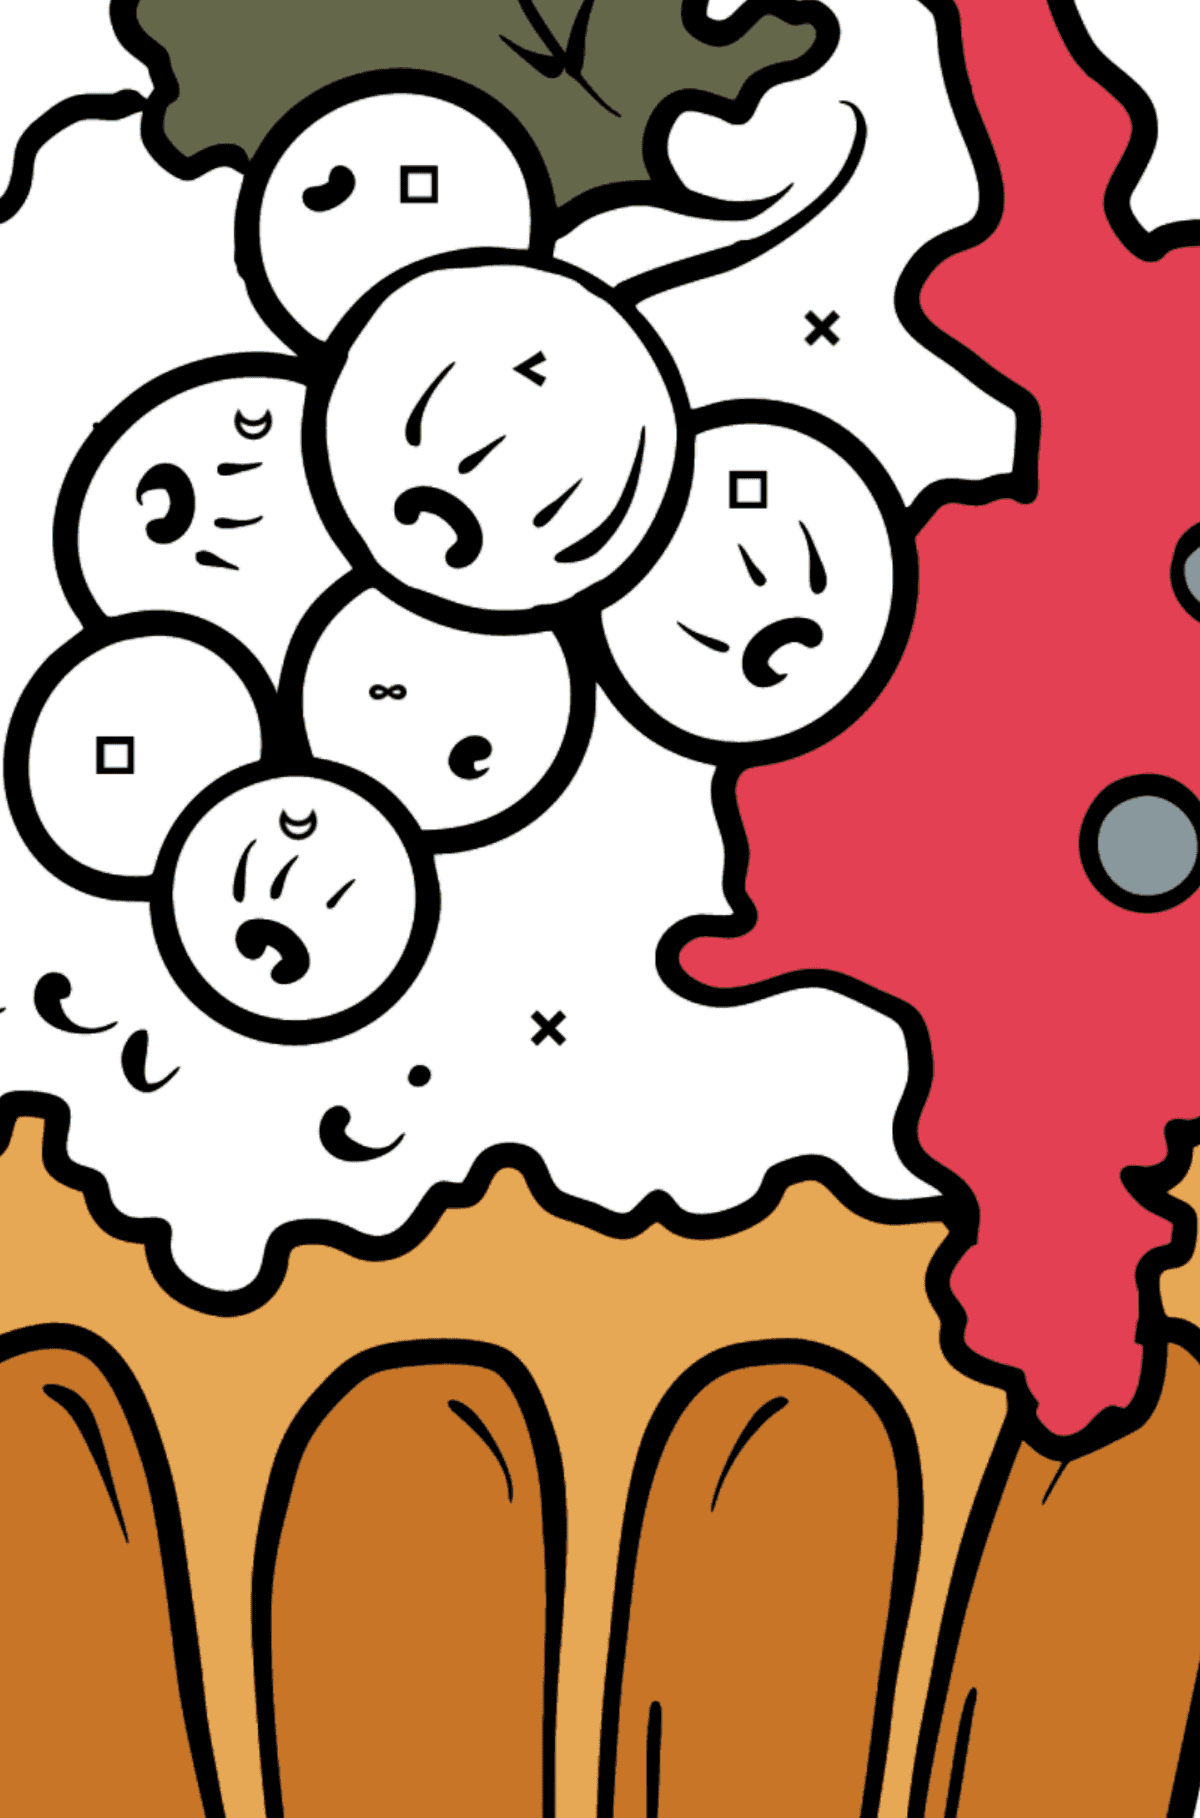 Раскраска кекс со смородиной - Раскраска по Символам для Детей